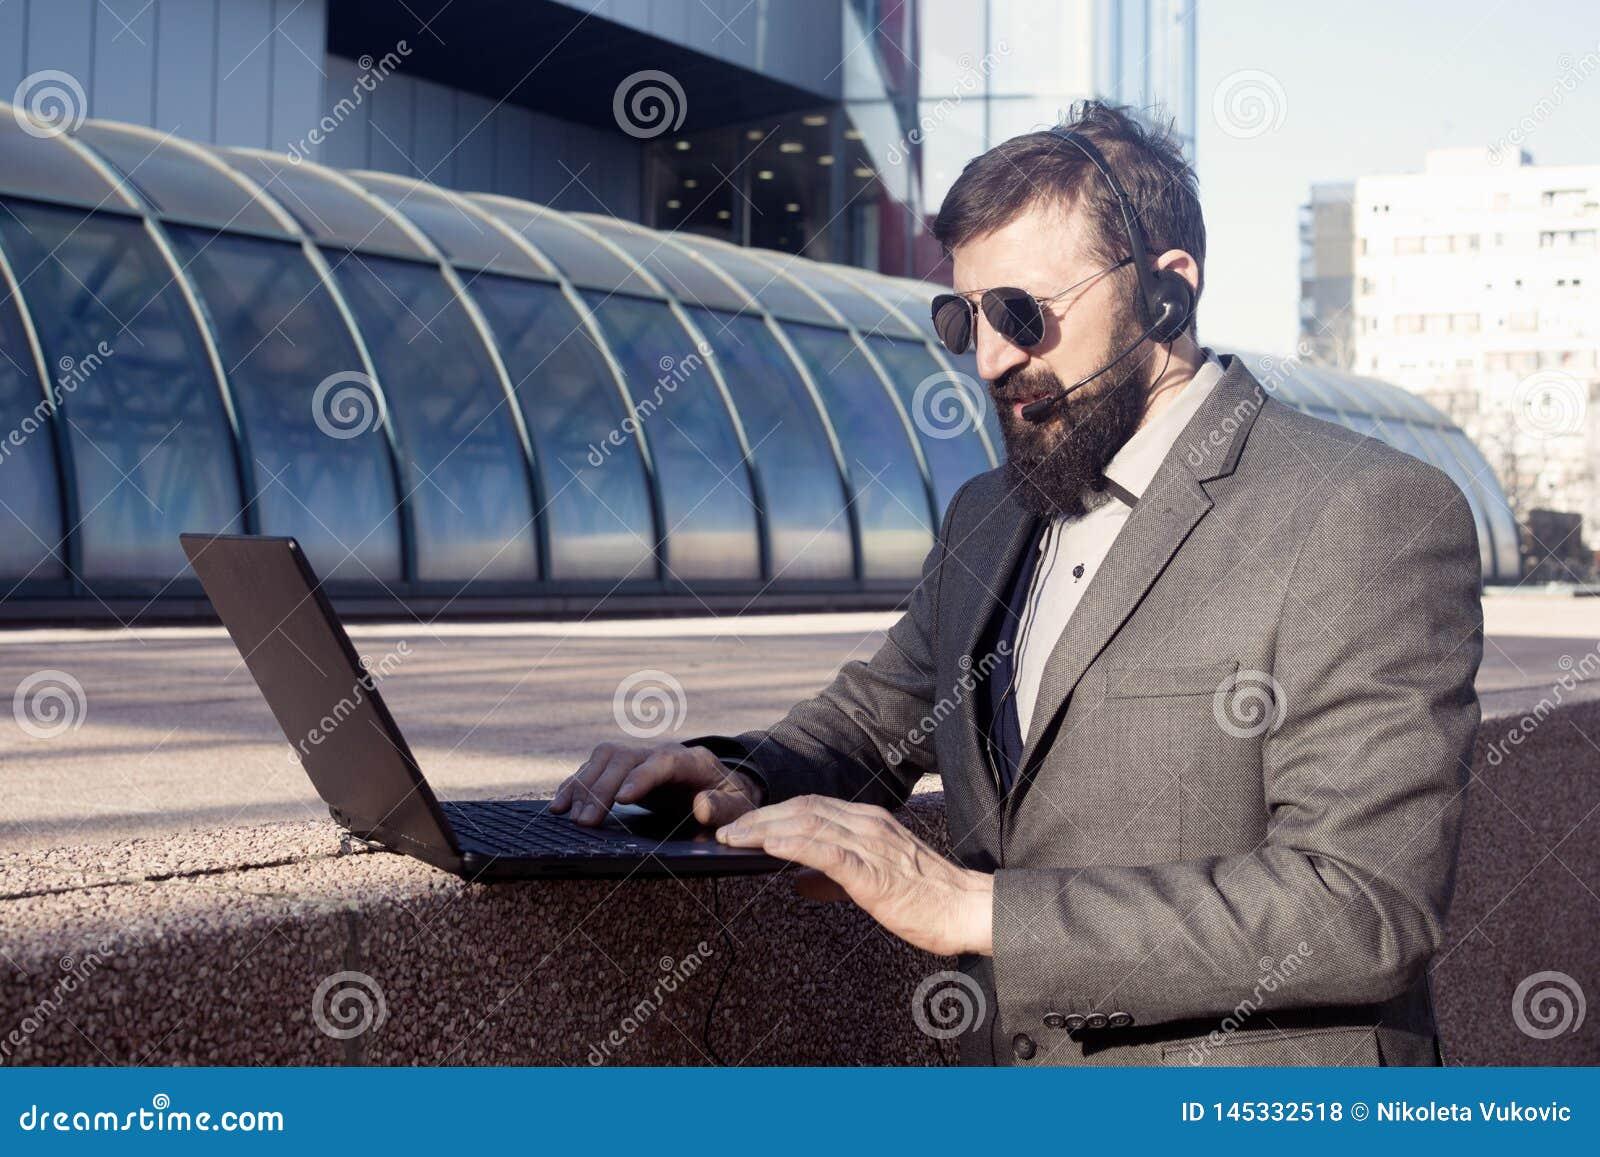 Pieniężny doradca konsultuje online